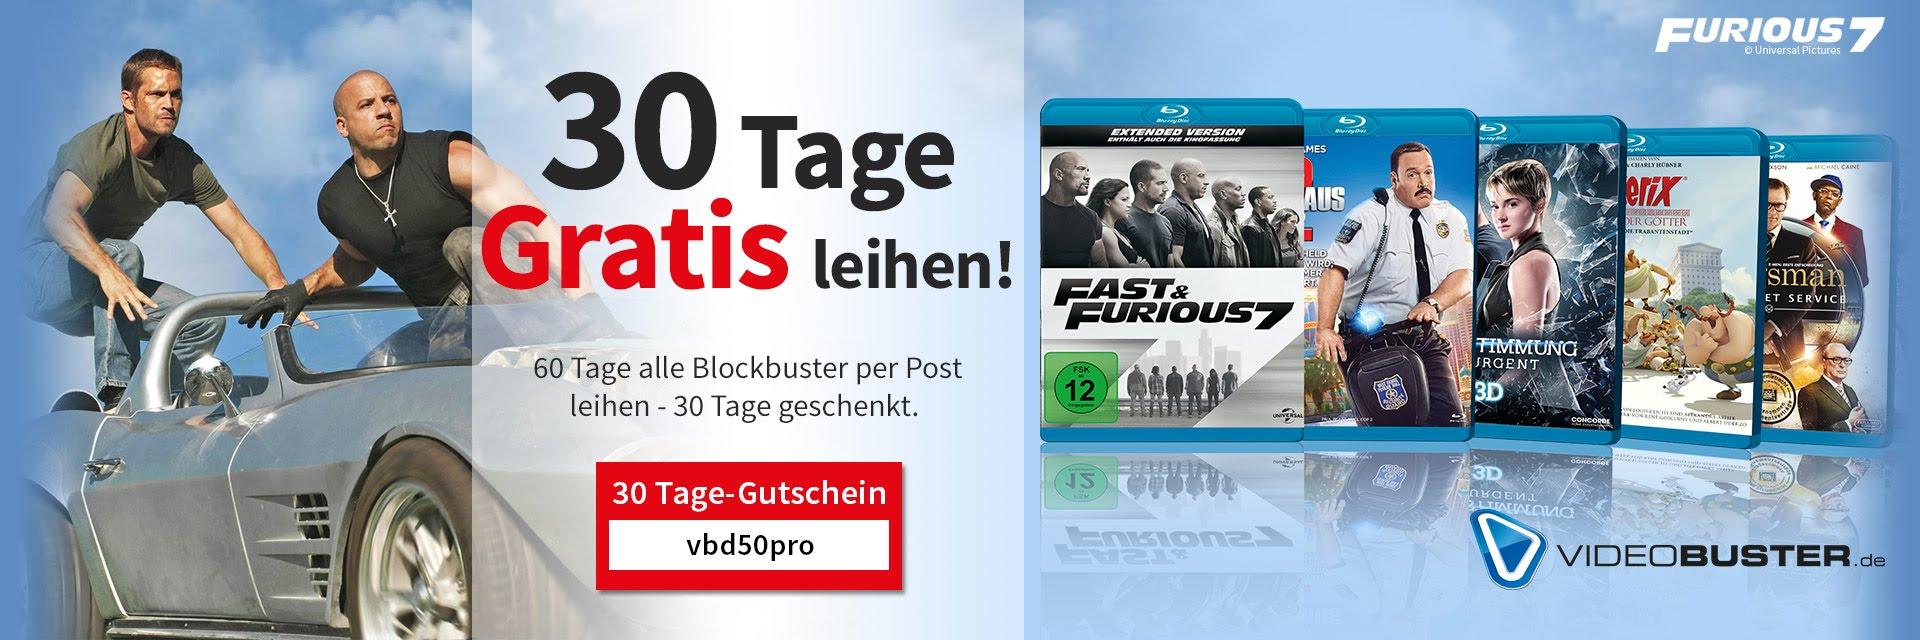 Videobuster 30 Tage gratis leihen!